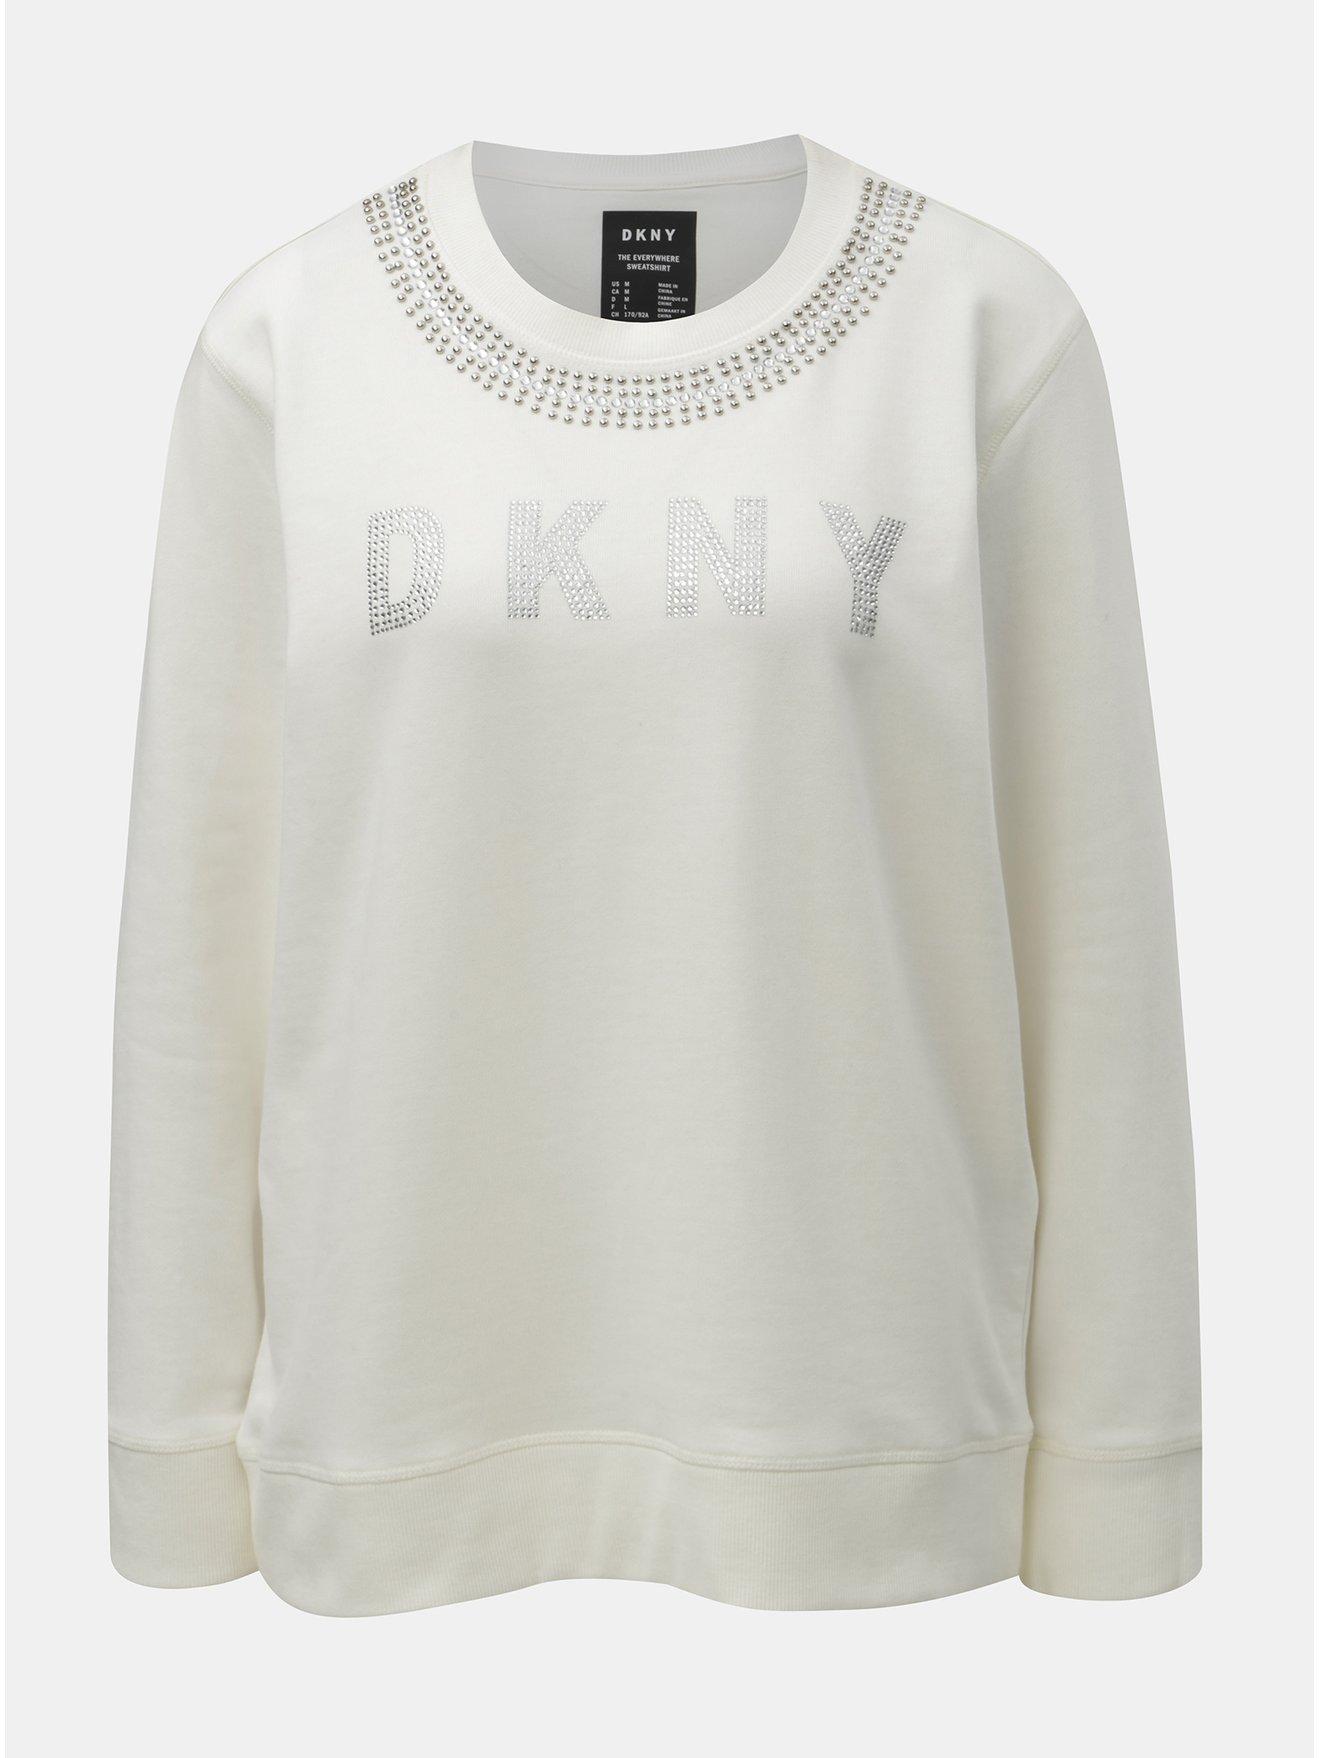 Krémová mikina s ozdobnými kamínky DKNY